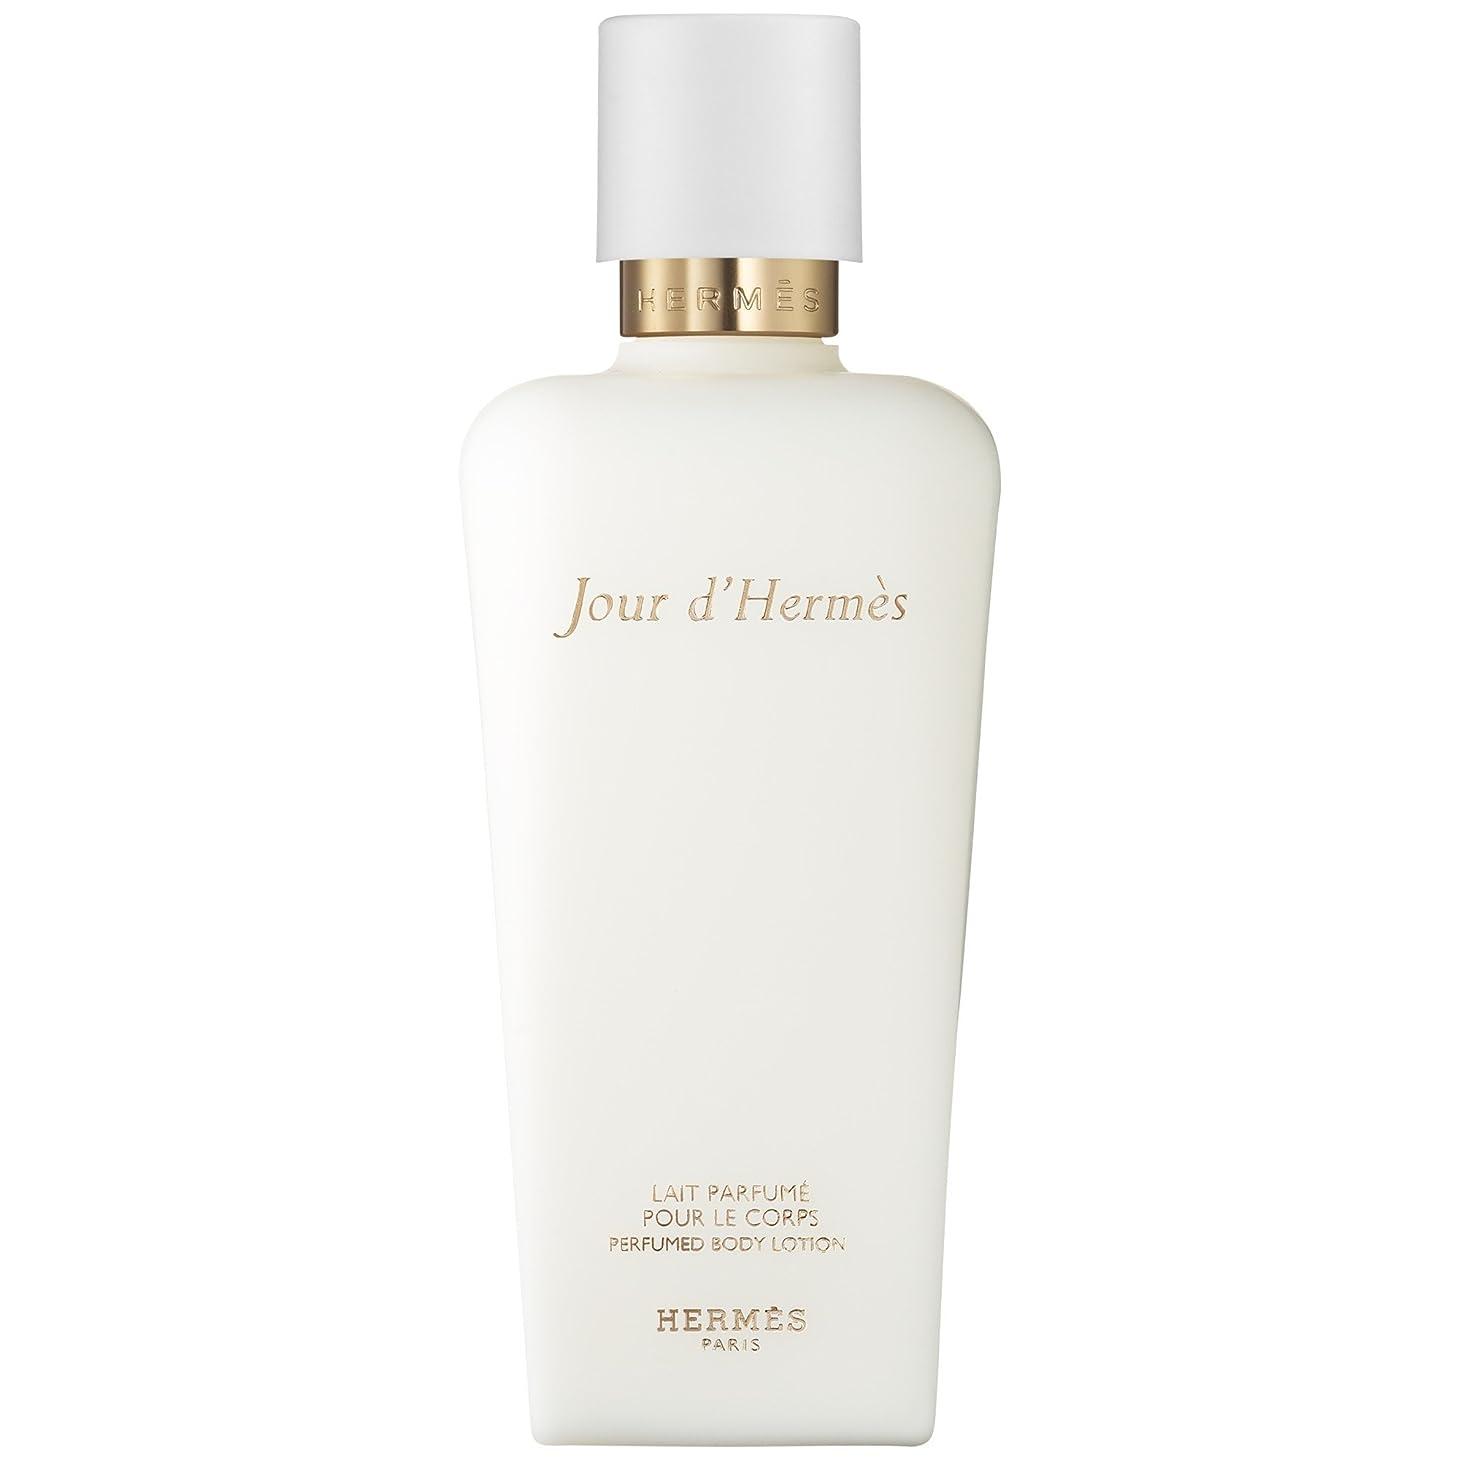 下る論理的に操縦するエルメスJourのドールエルメス賦香ボディローション200ミリリットル (HERM?S) (x6) - HERM?S Jour d'Herm?s Perfumed Body Lotion 200ml (Pack of 6) [並行輸入品]